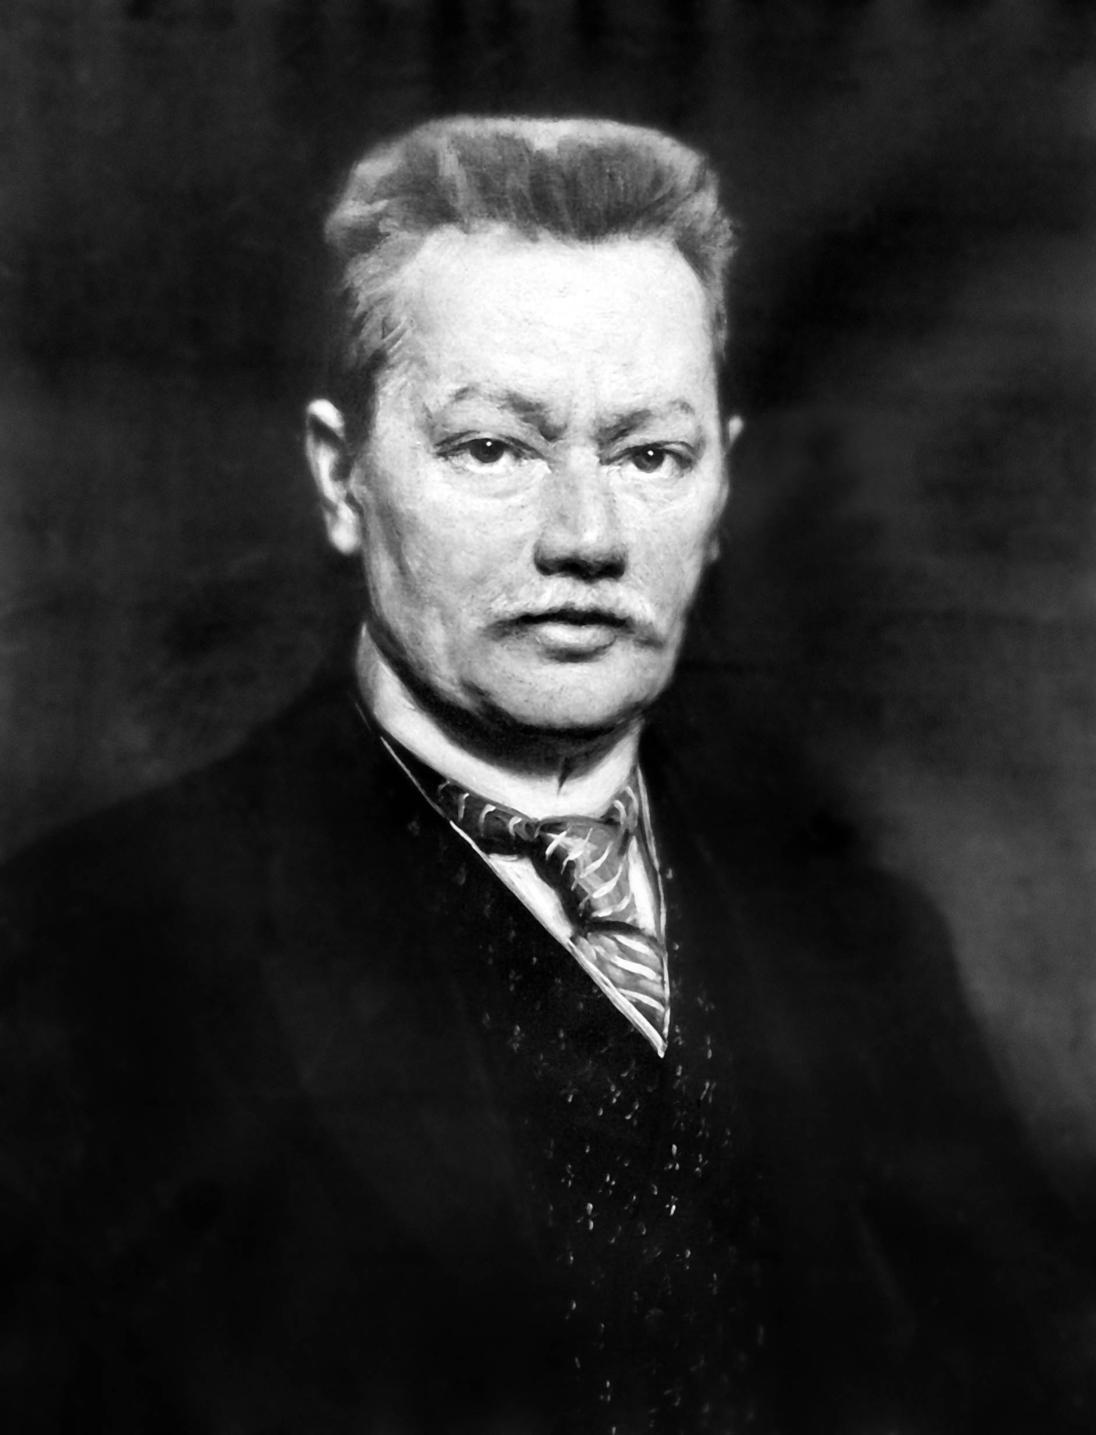 1920-as évek  Báró Korányi Sándor orvos, egyetemi tanár, az MTA tagja, a modern veseélettan és vesekórtan nemzetközileg elismert szakértője, aki a fizika és kémia legújabb felfedezéseit alkalmazta a gyógyító munkában. A felvétel készítésének pontos helyszíne és dátuma ismeretlen. MTI Fotó: Reprodukció